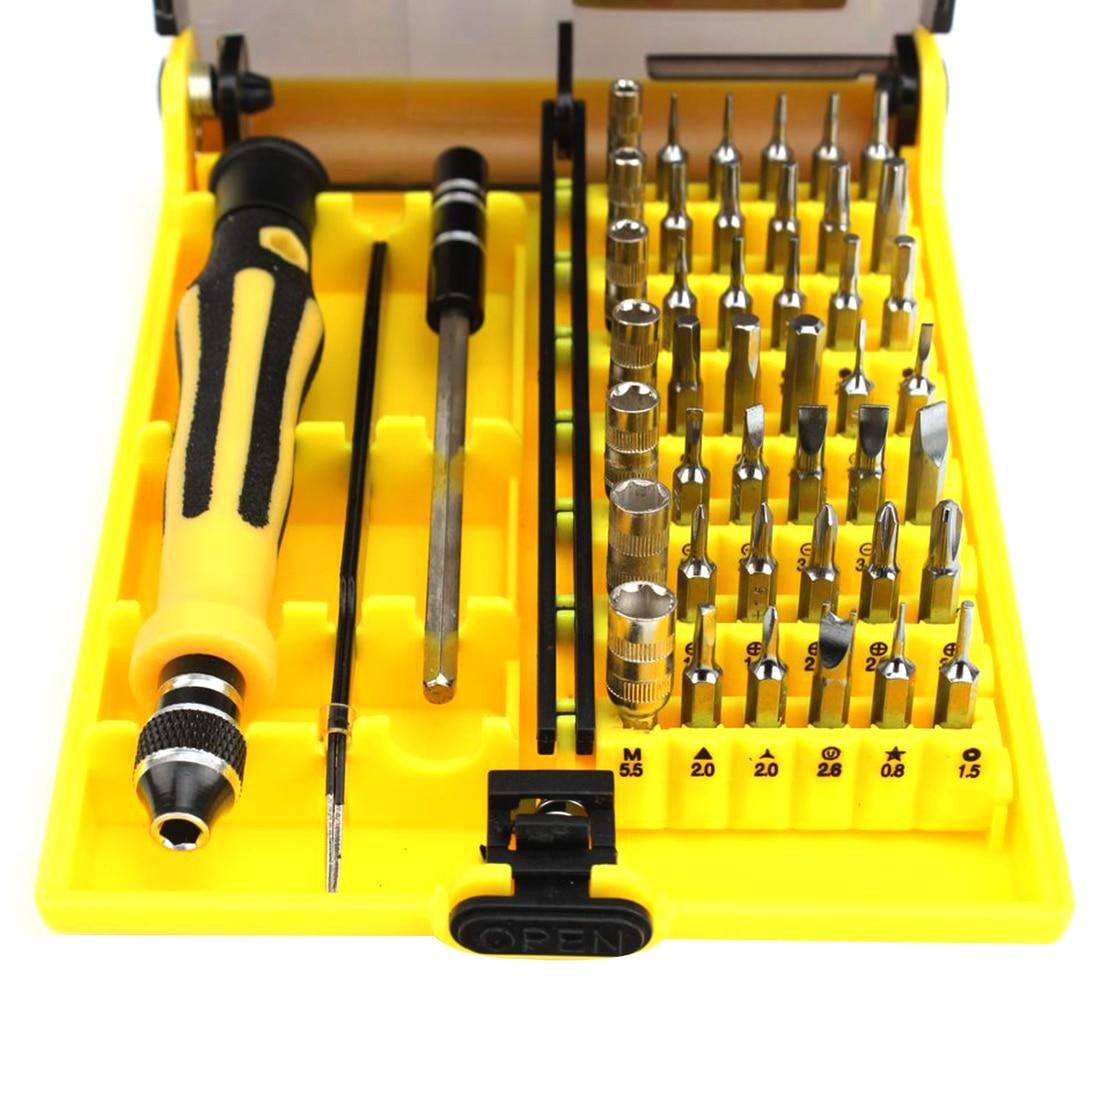 Hot 45 in 1 Set di cacciaviti Torx professionali di precisione per - Utensili manuali - Fotografia 6